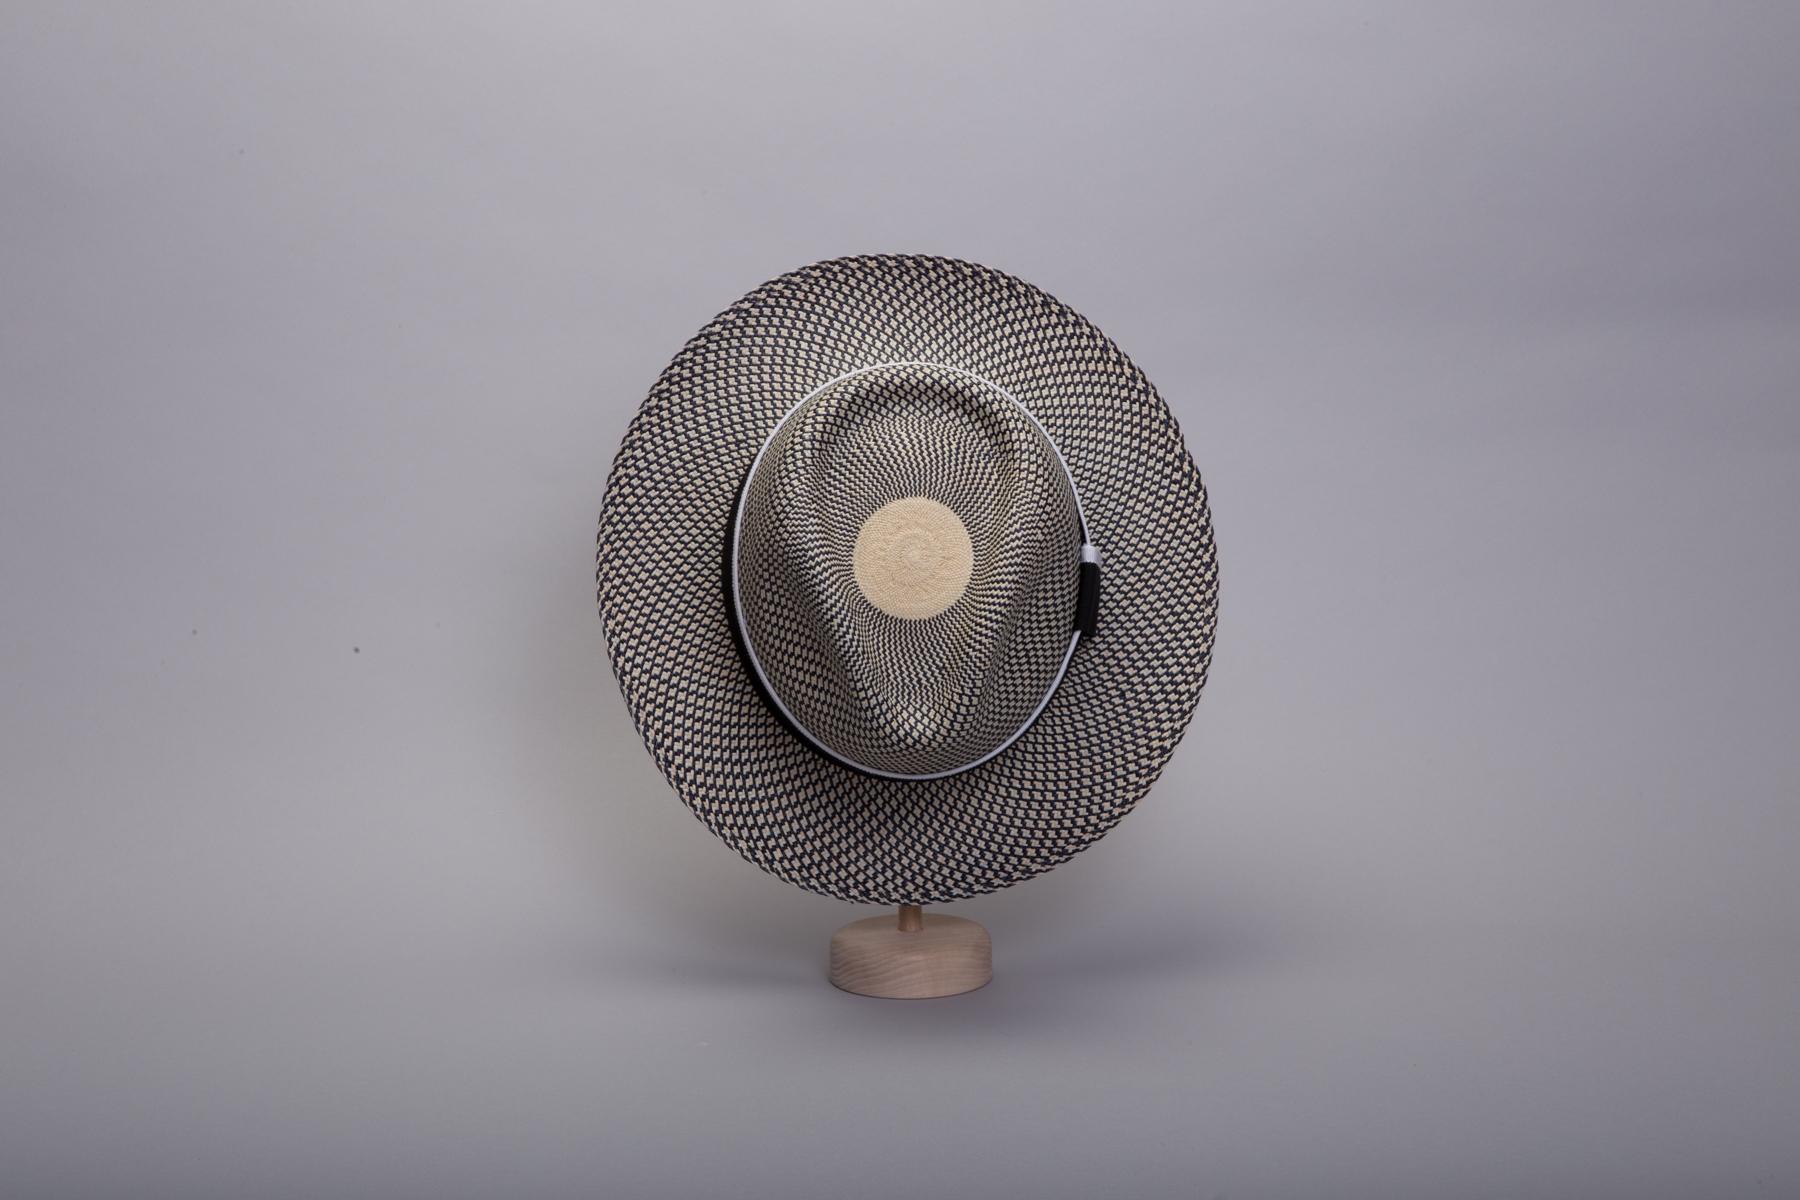 chapeau-panama-capferret-gif1-450x300